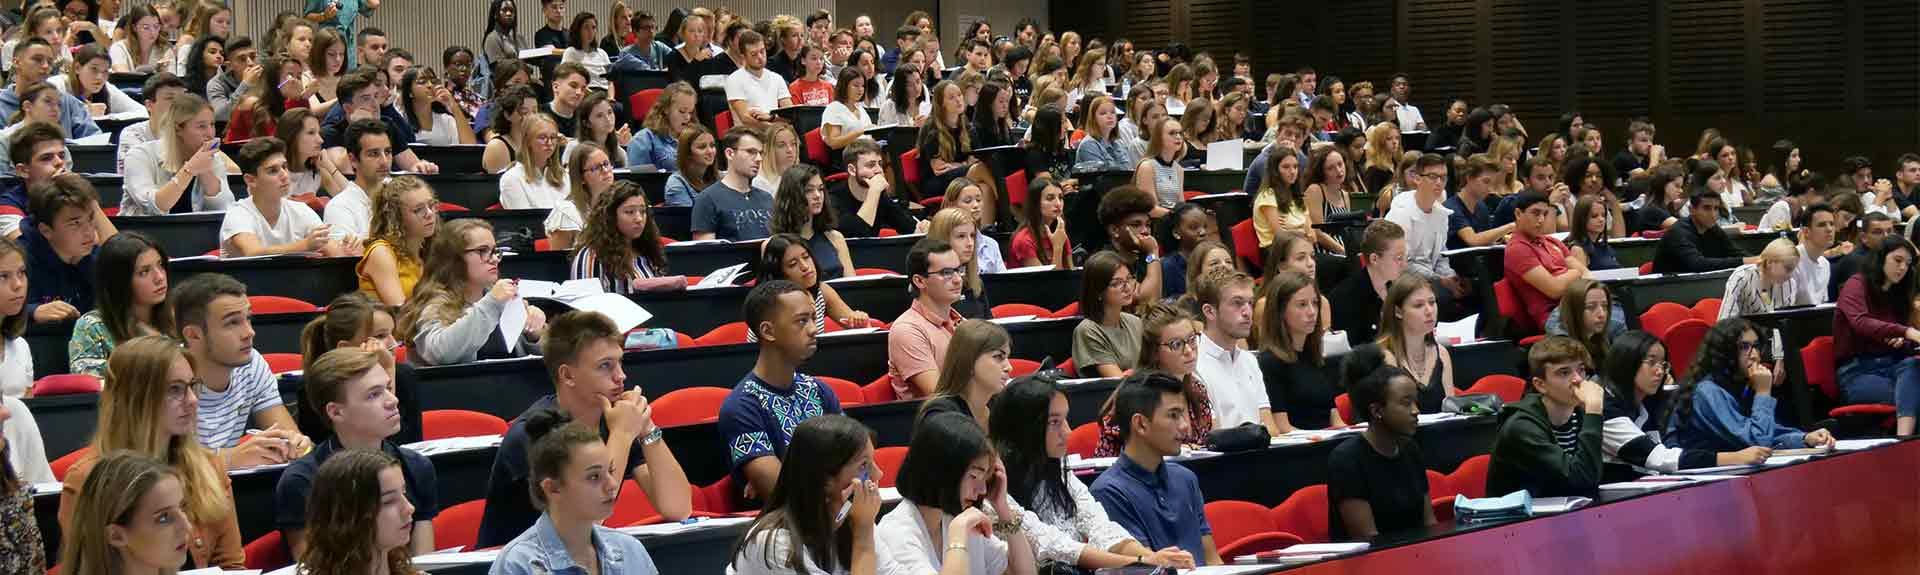 amphi rempli d'étudiants